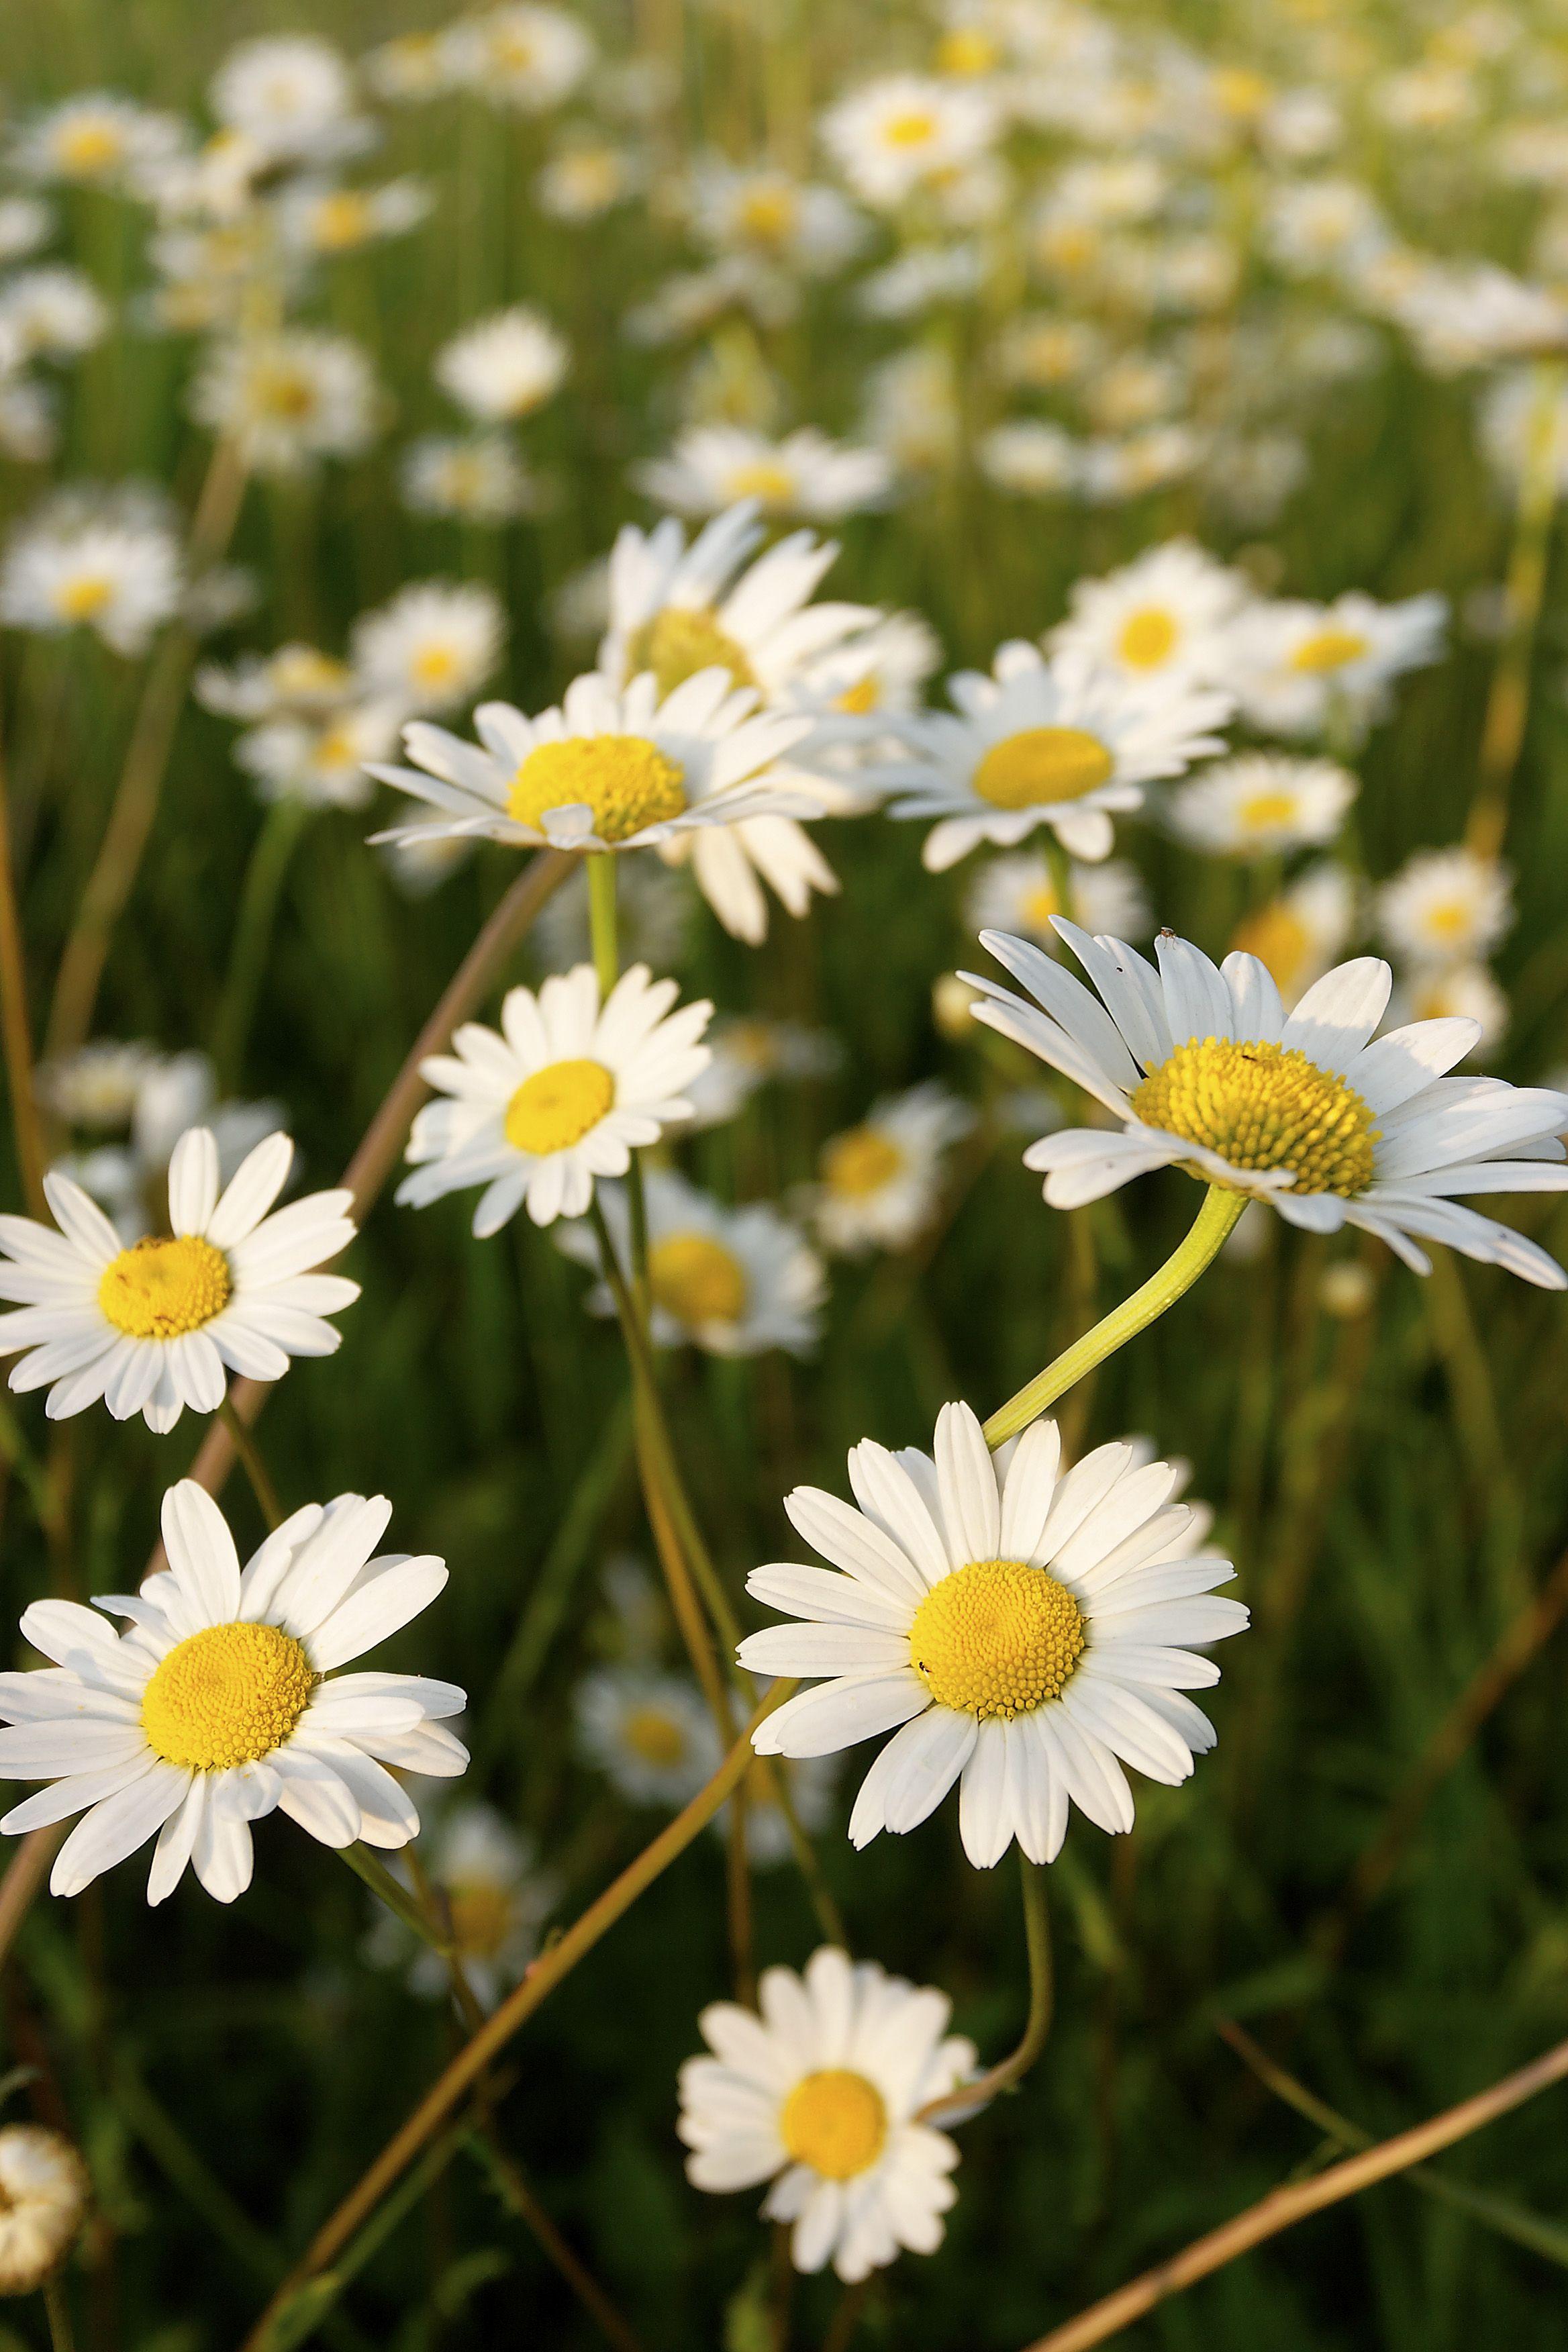 Margaritas - significados de la flor